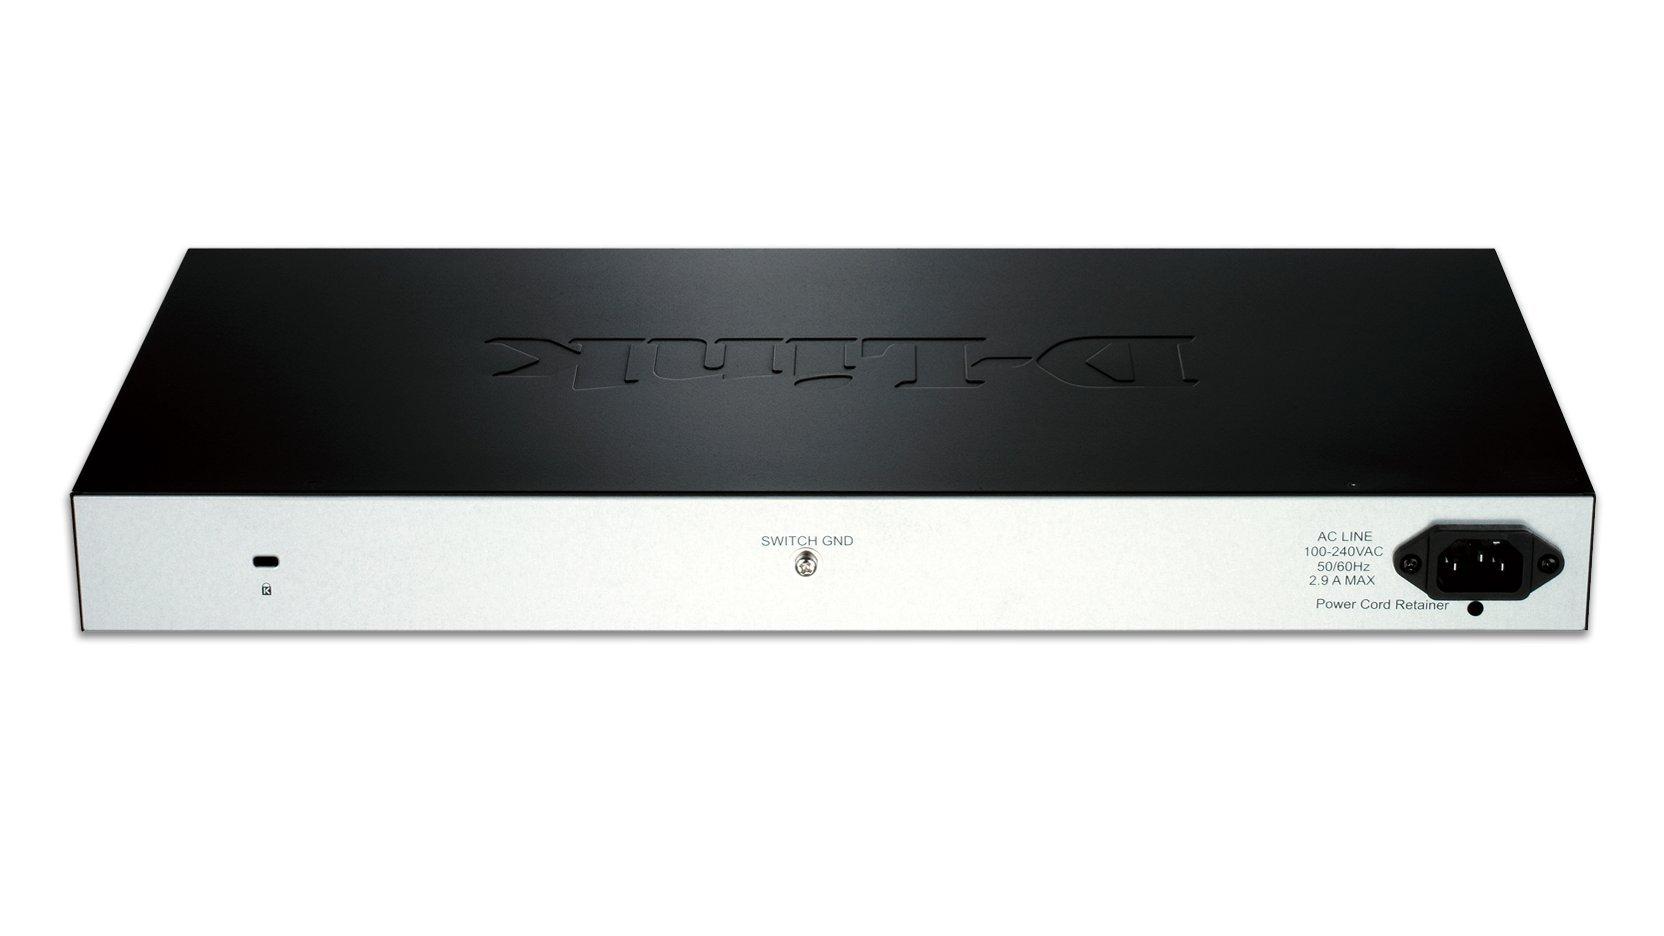 D-Link 28-Port Fast Ethernet WebSmart PoE+ Switch including 2 Gigabit BASE-T and 2 Gigabit Combo BASE-T/SFP Ports (DES-1210-28P) by D-Link (Image #1)